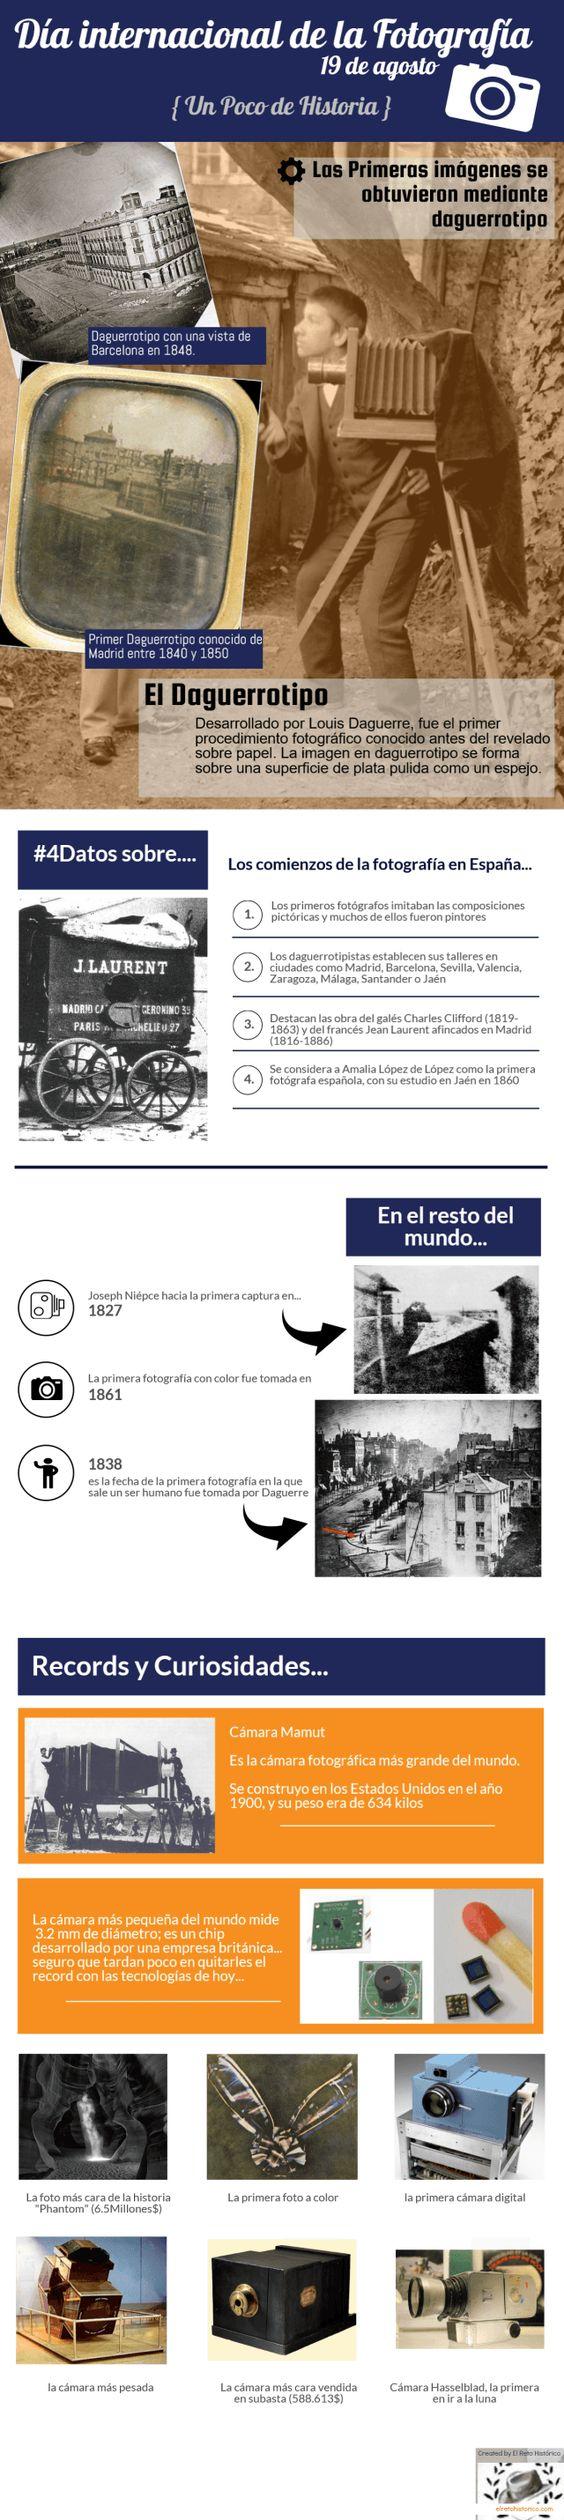 19 de Agosto: ¡El Día Internacional de la Fotografía! | El Reto Histórico